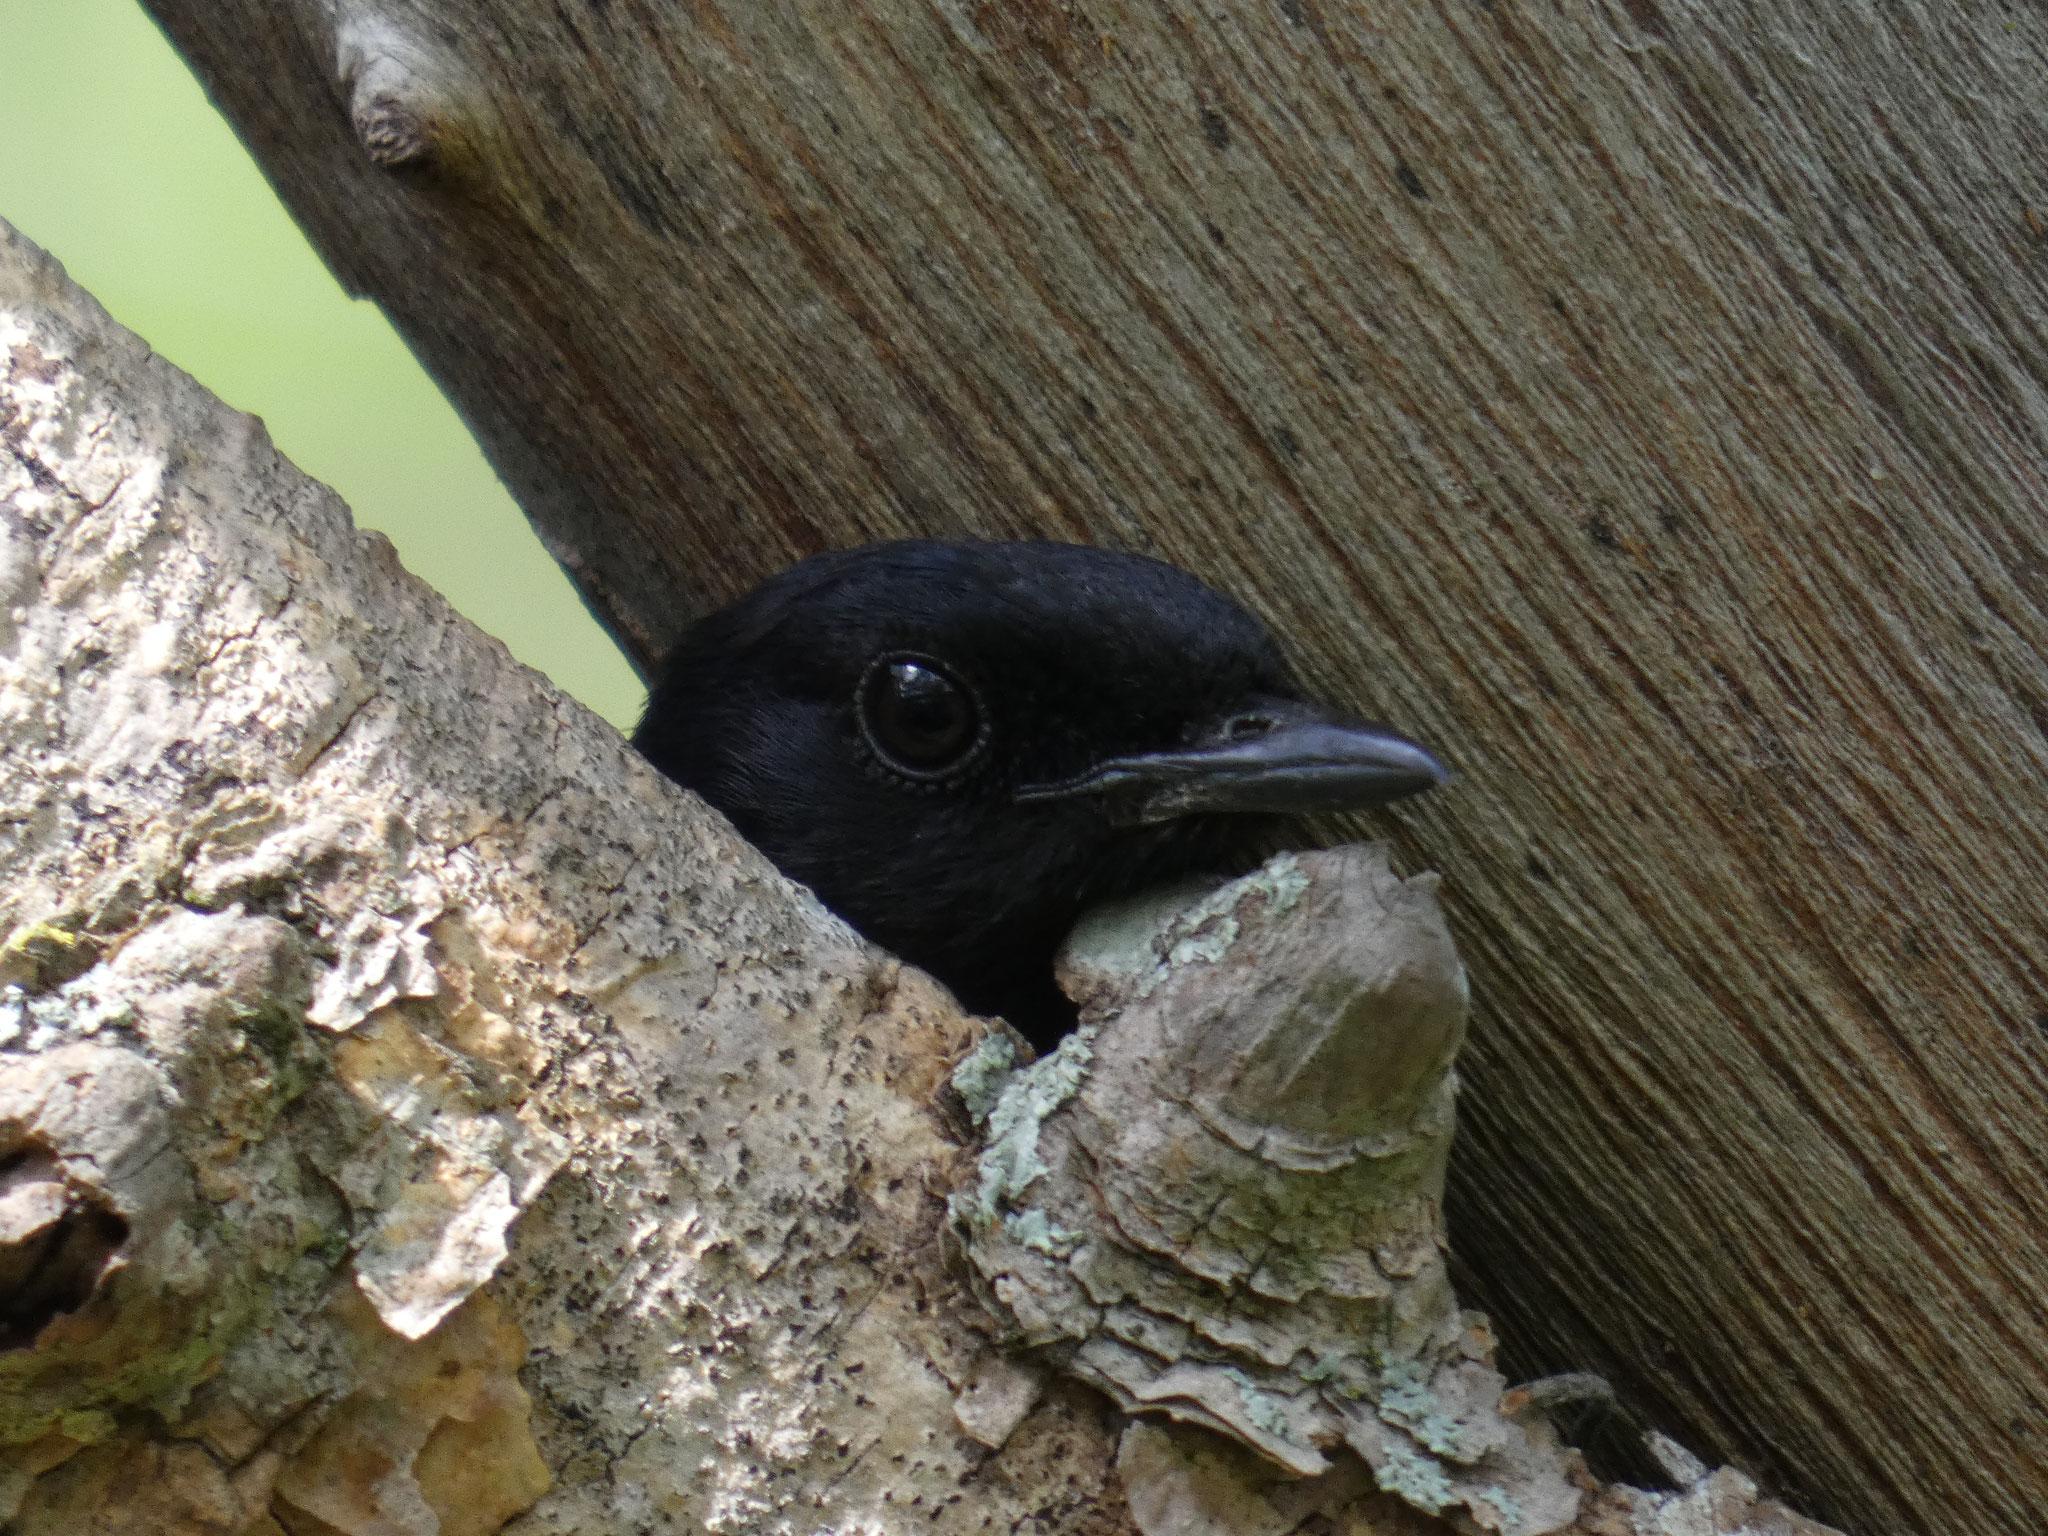 seinem Weibchen im Nest